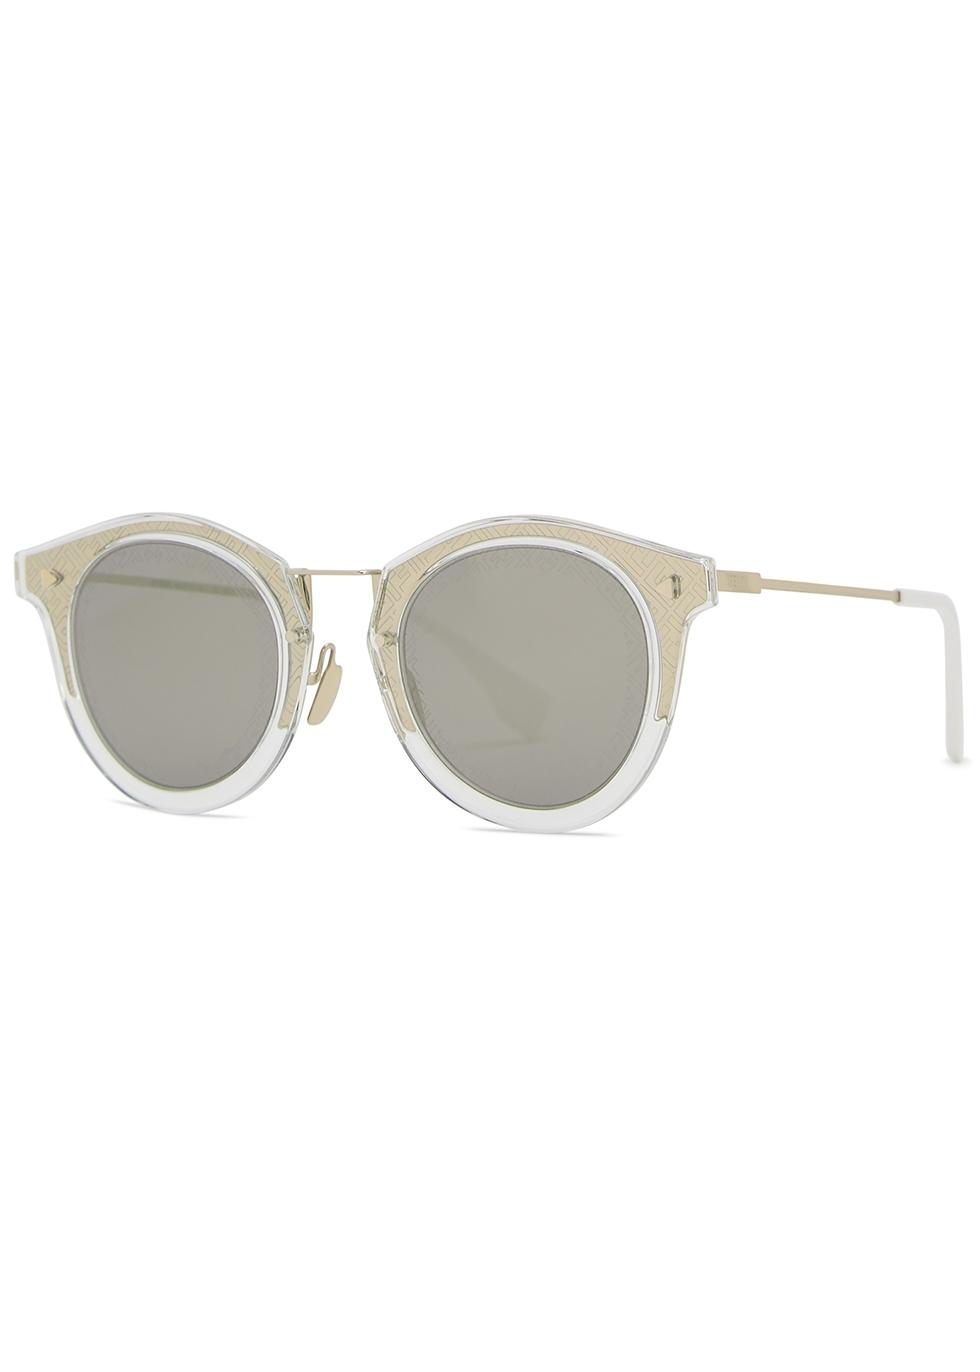 19a14b7afdf0 Harvey Nichols - Designer Fashion